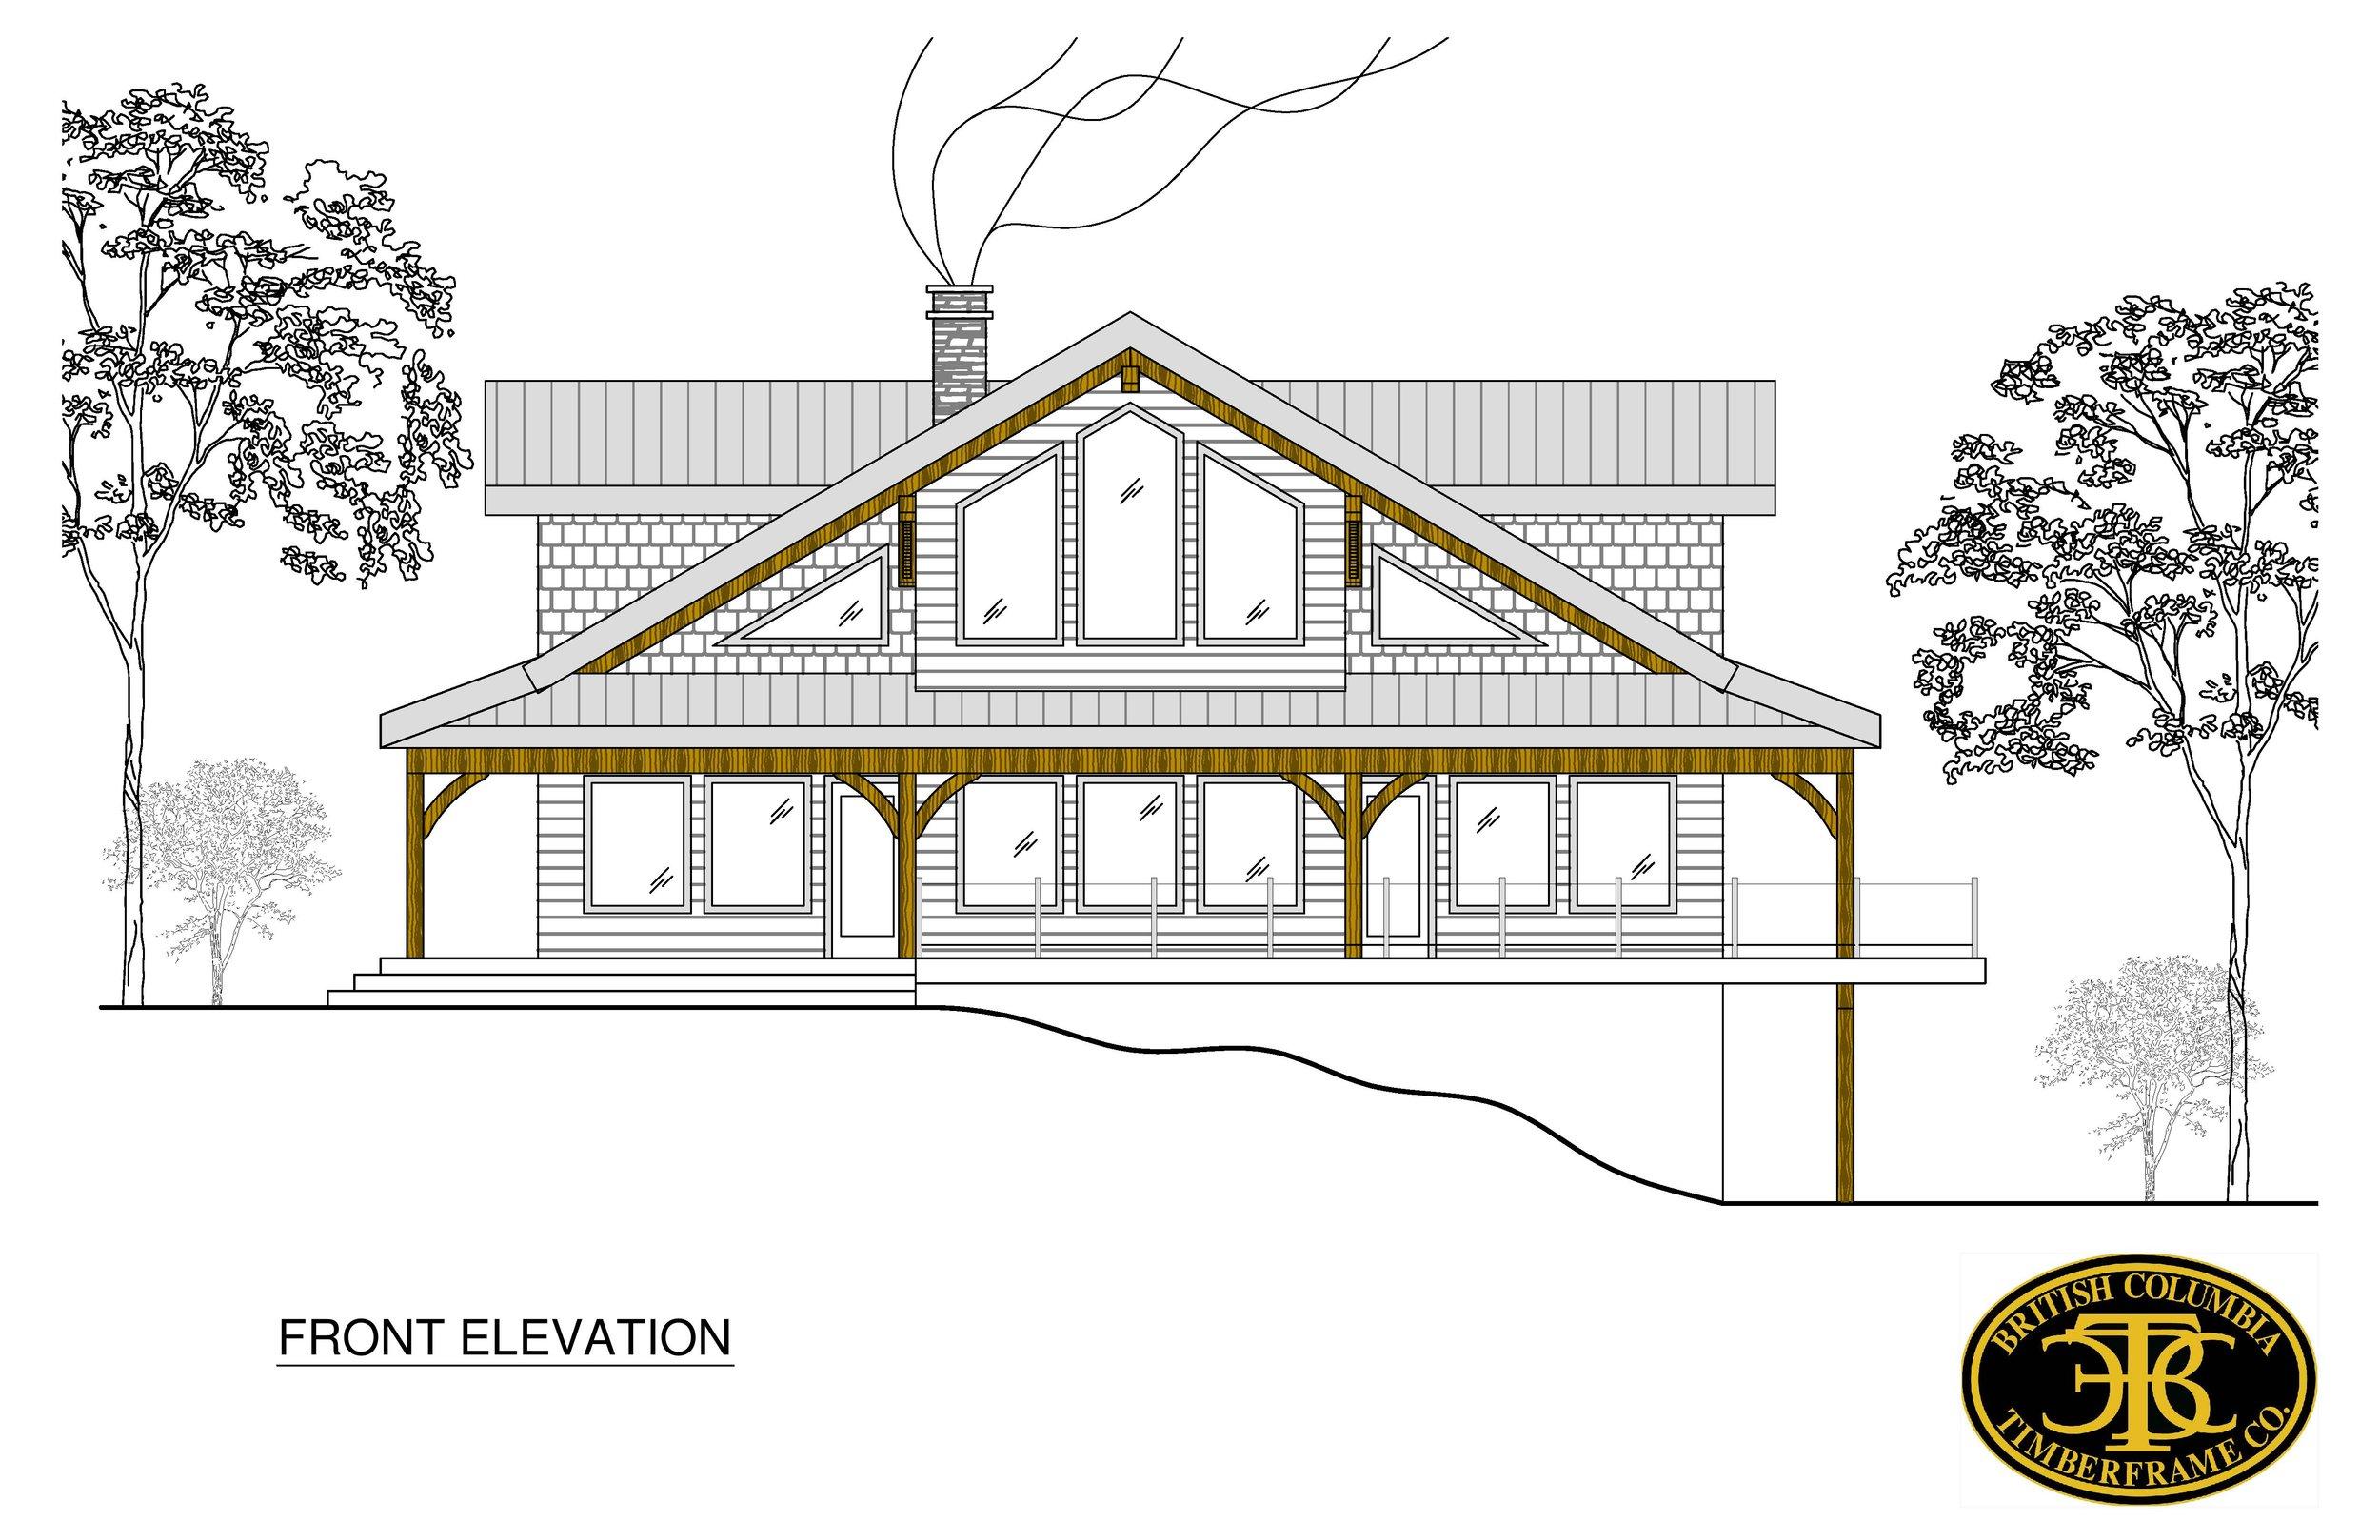 Cranbrook_Front Elevation-page-001.jpg